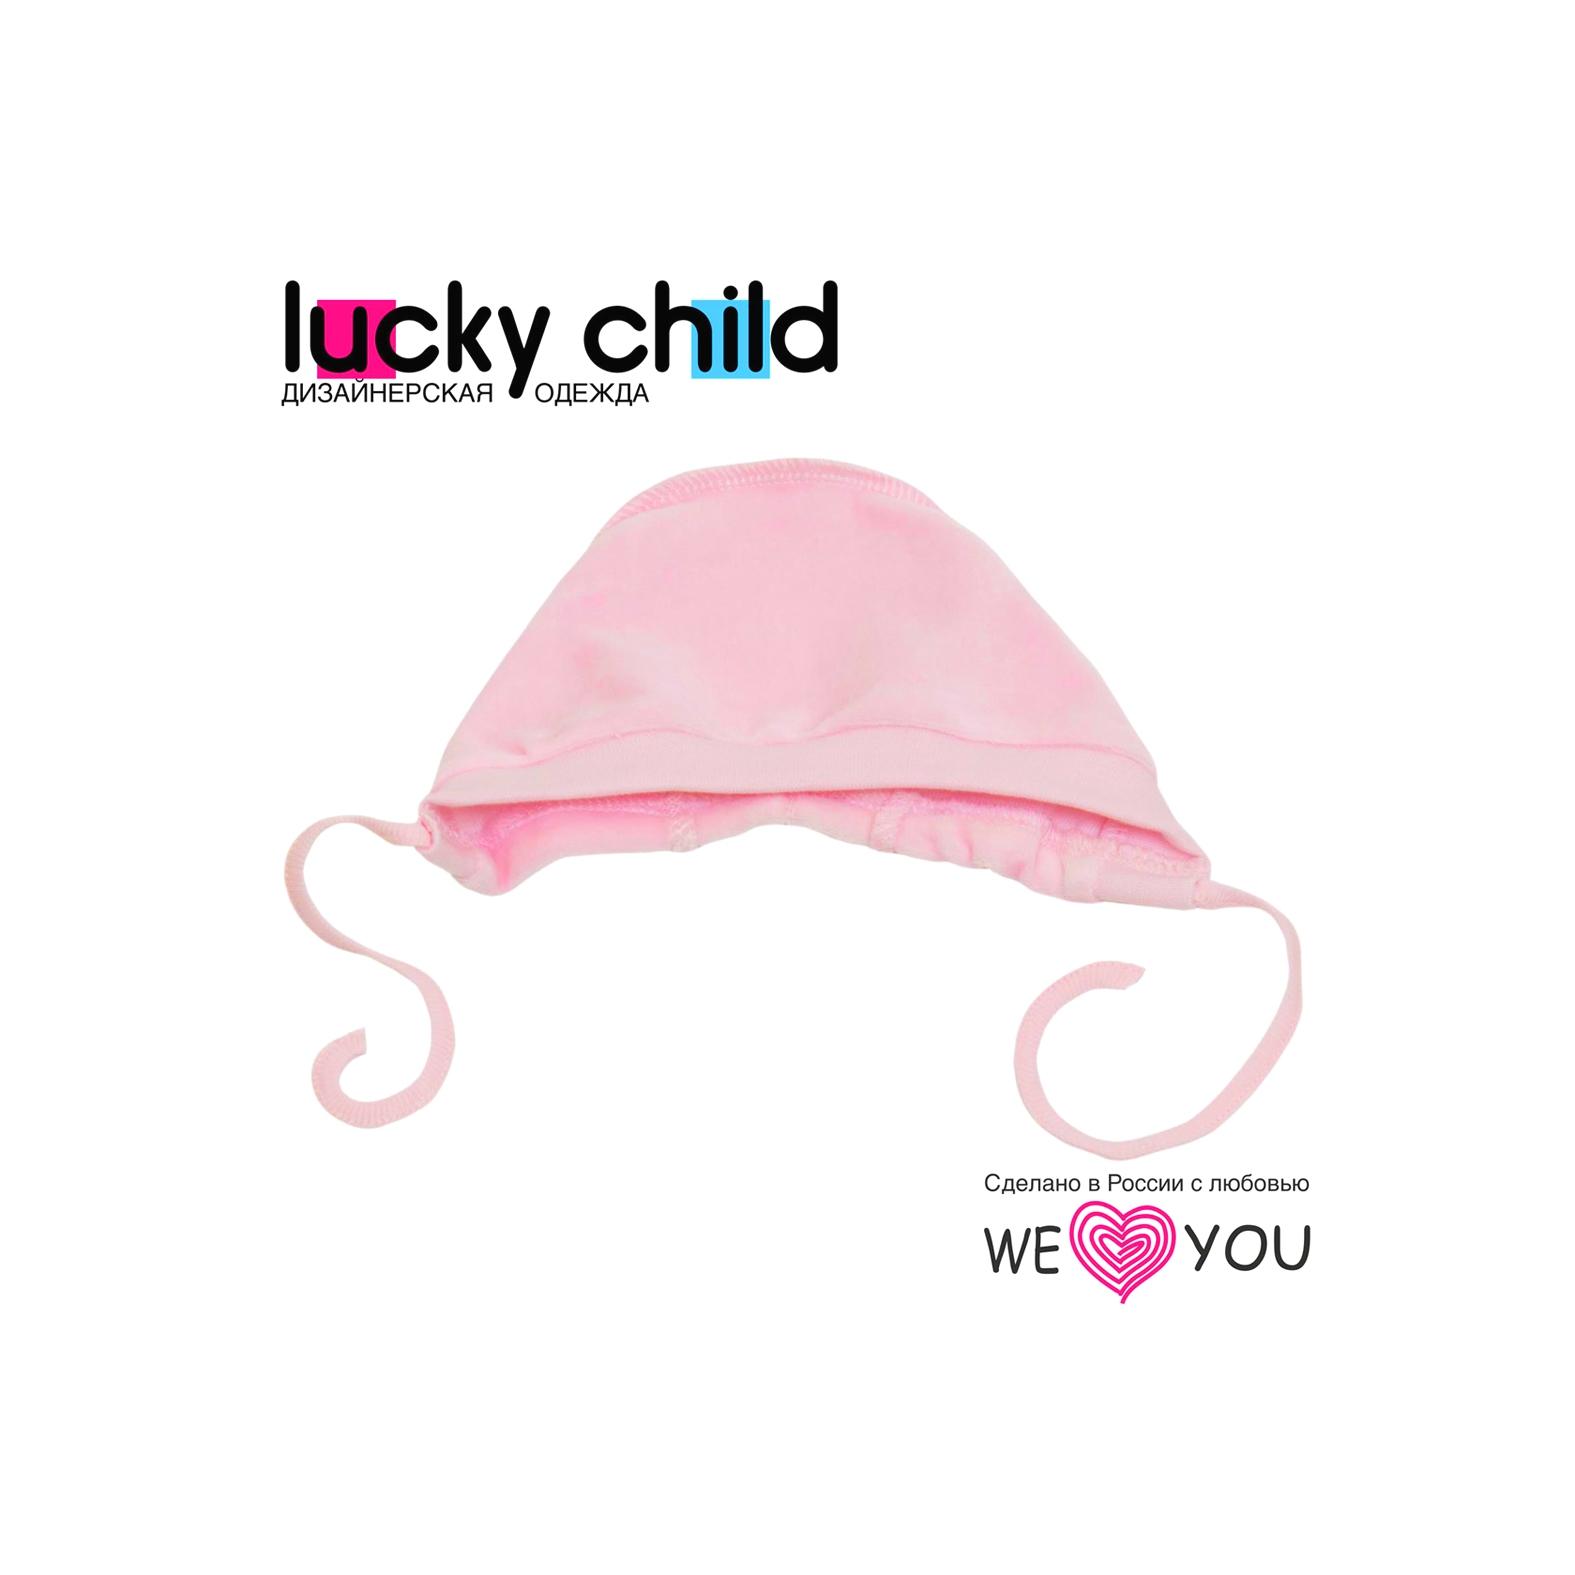 Чепчик из велюра Lucky Child, цвет розовый размер 42